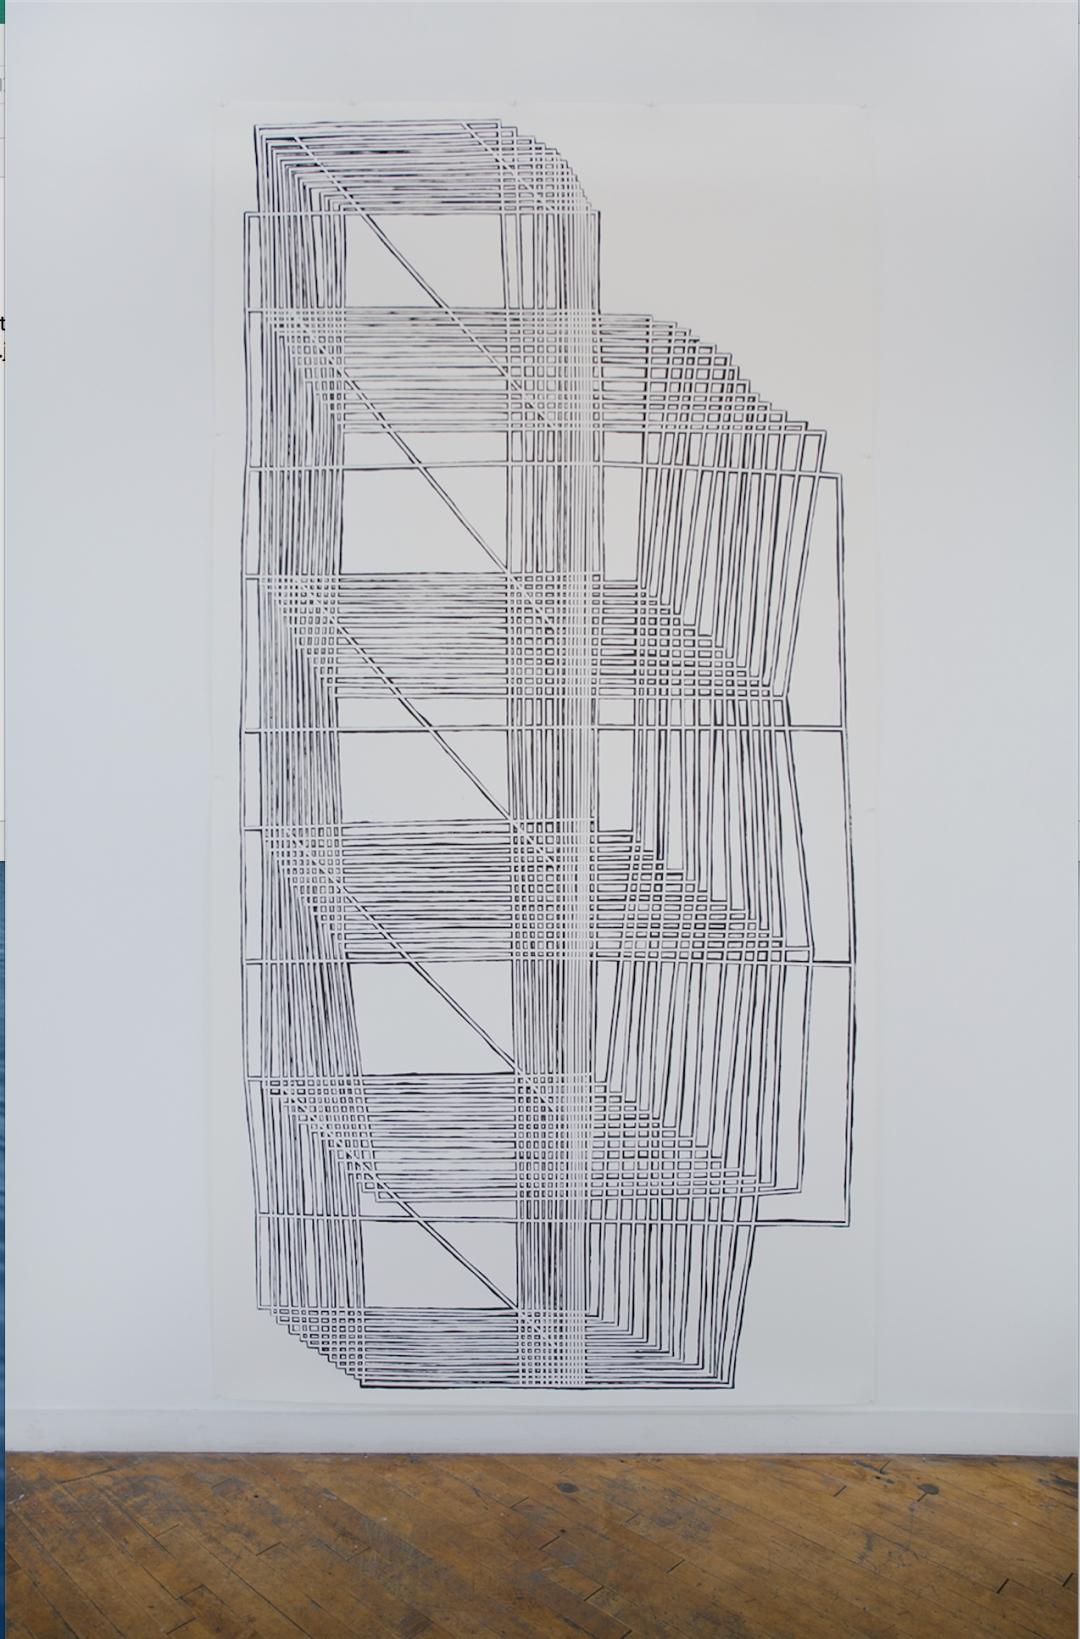 Frauke-1 Kopie